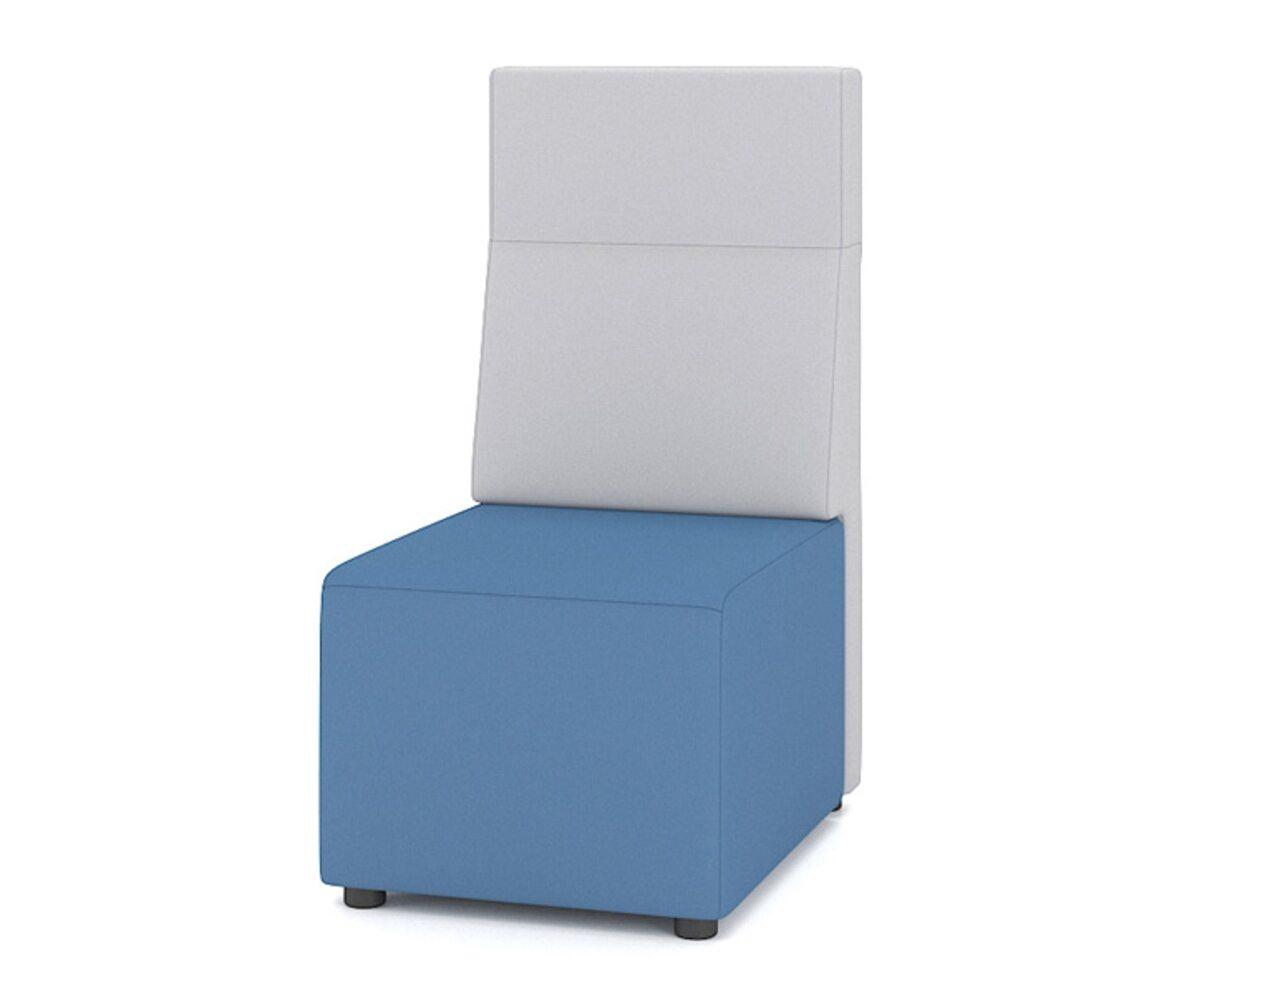 КреслоM10-1D2 - фото 1